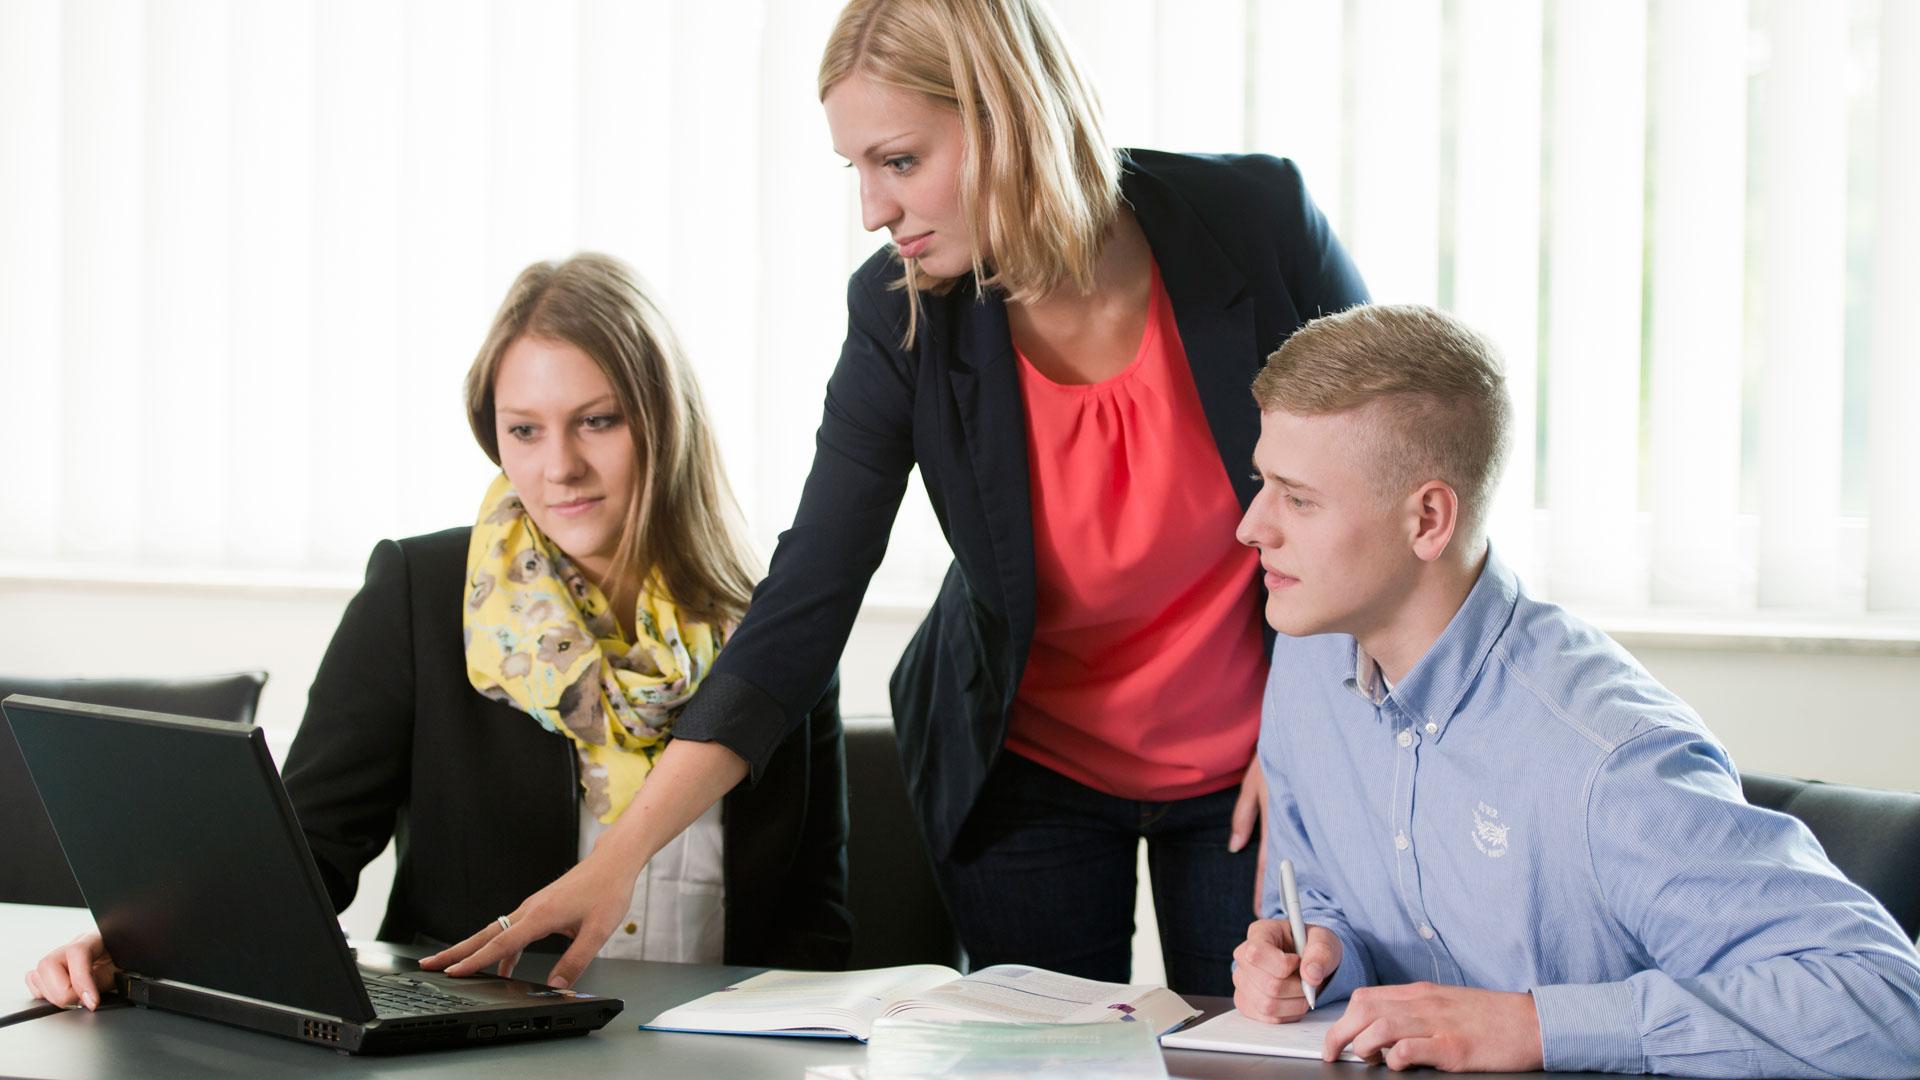 Ausbildung bei SieMatic: Zusatzunterricht für alle kaufmännischen und gewerblichen Auszubildenden.